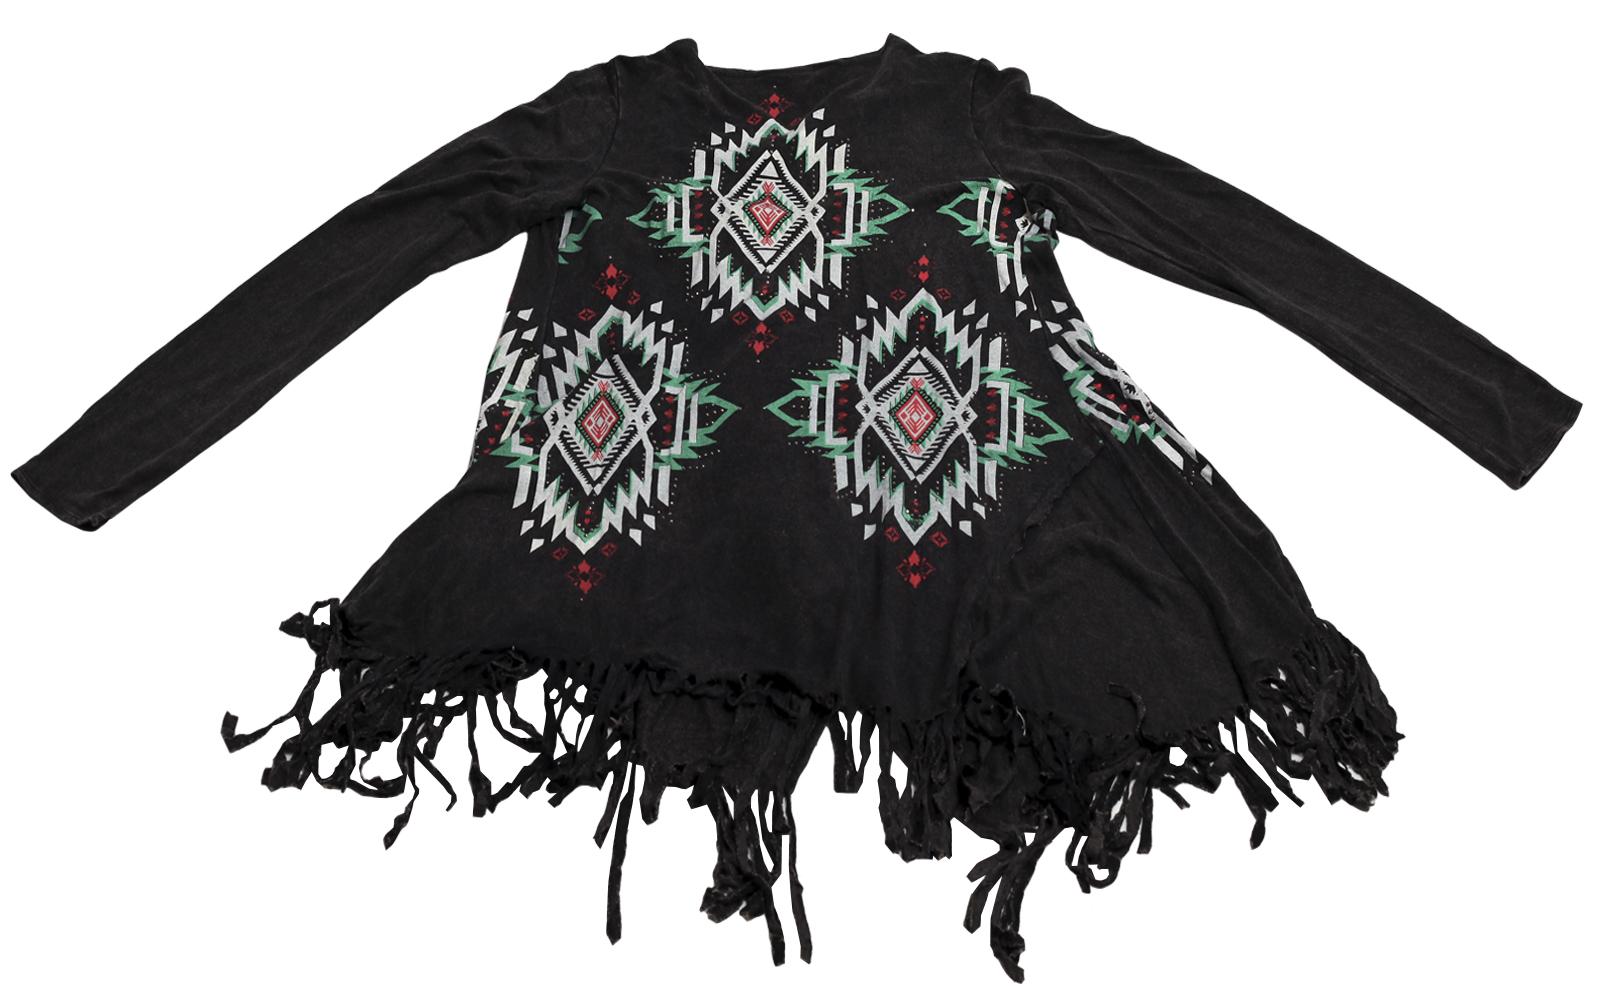 Купить колоритную кофточку стиля Бохо с бахромой Rock&Roll CowGirl и этно орнаментами по лучшей цене